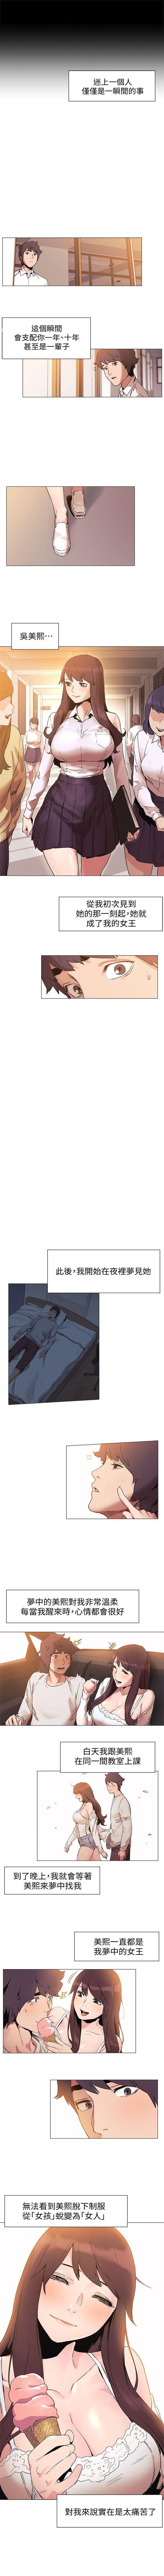 (週5)衝突 1-91 中文翻譯 (更新中) 202